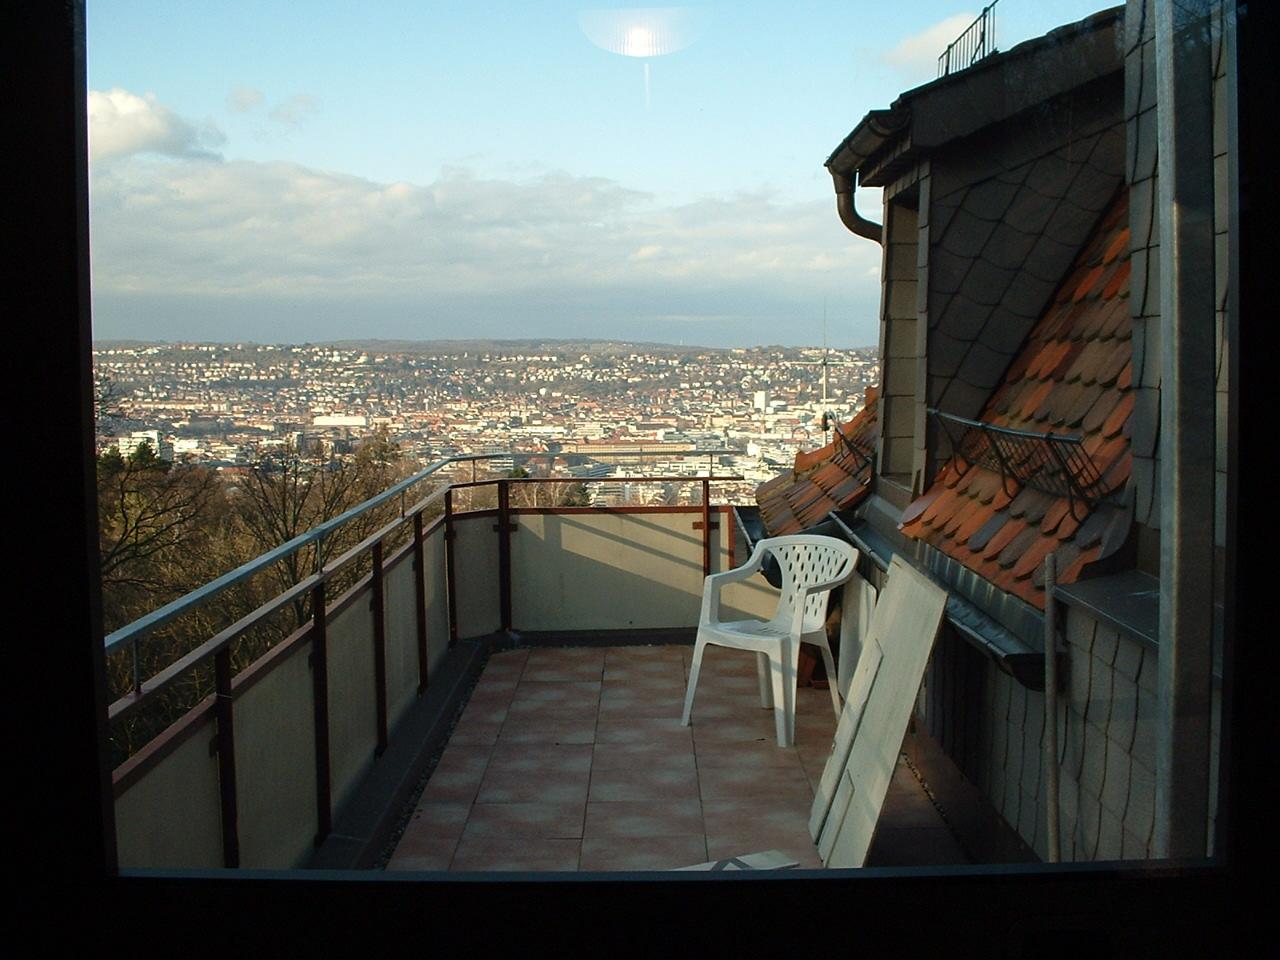 Sicht von einer Dachterrasse auf die Stadt